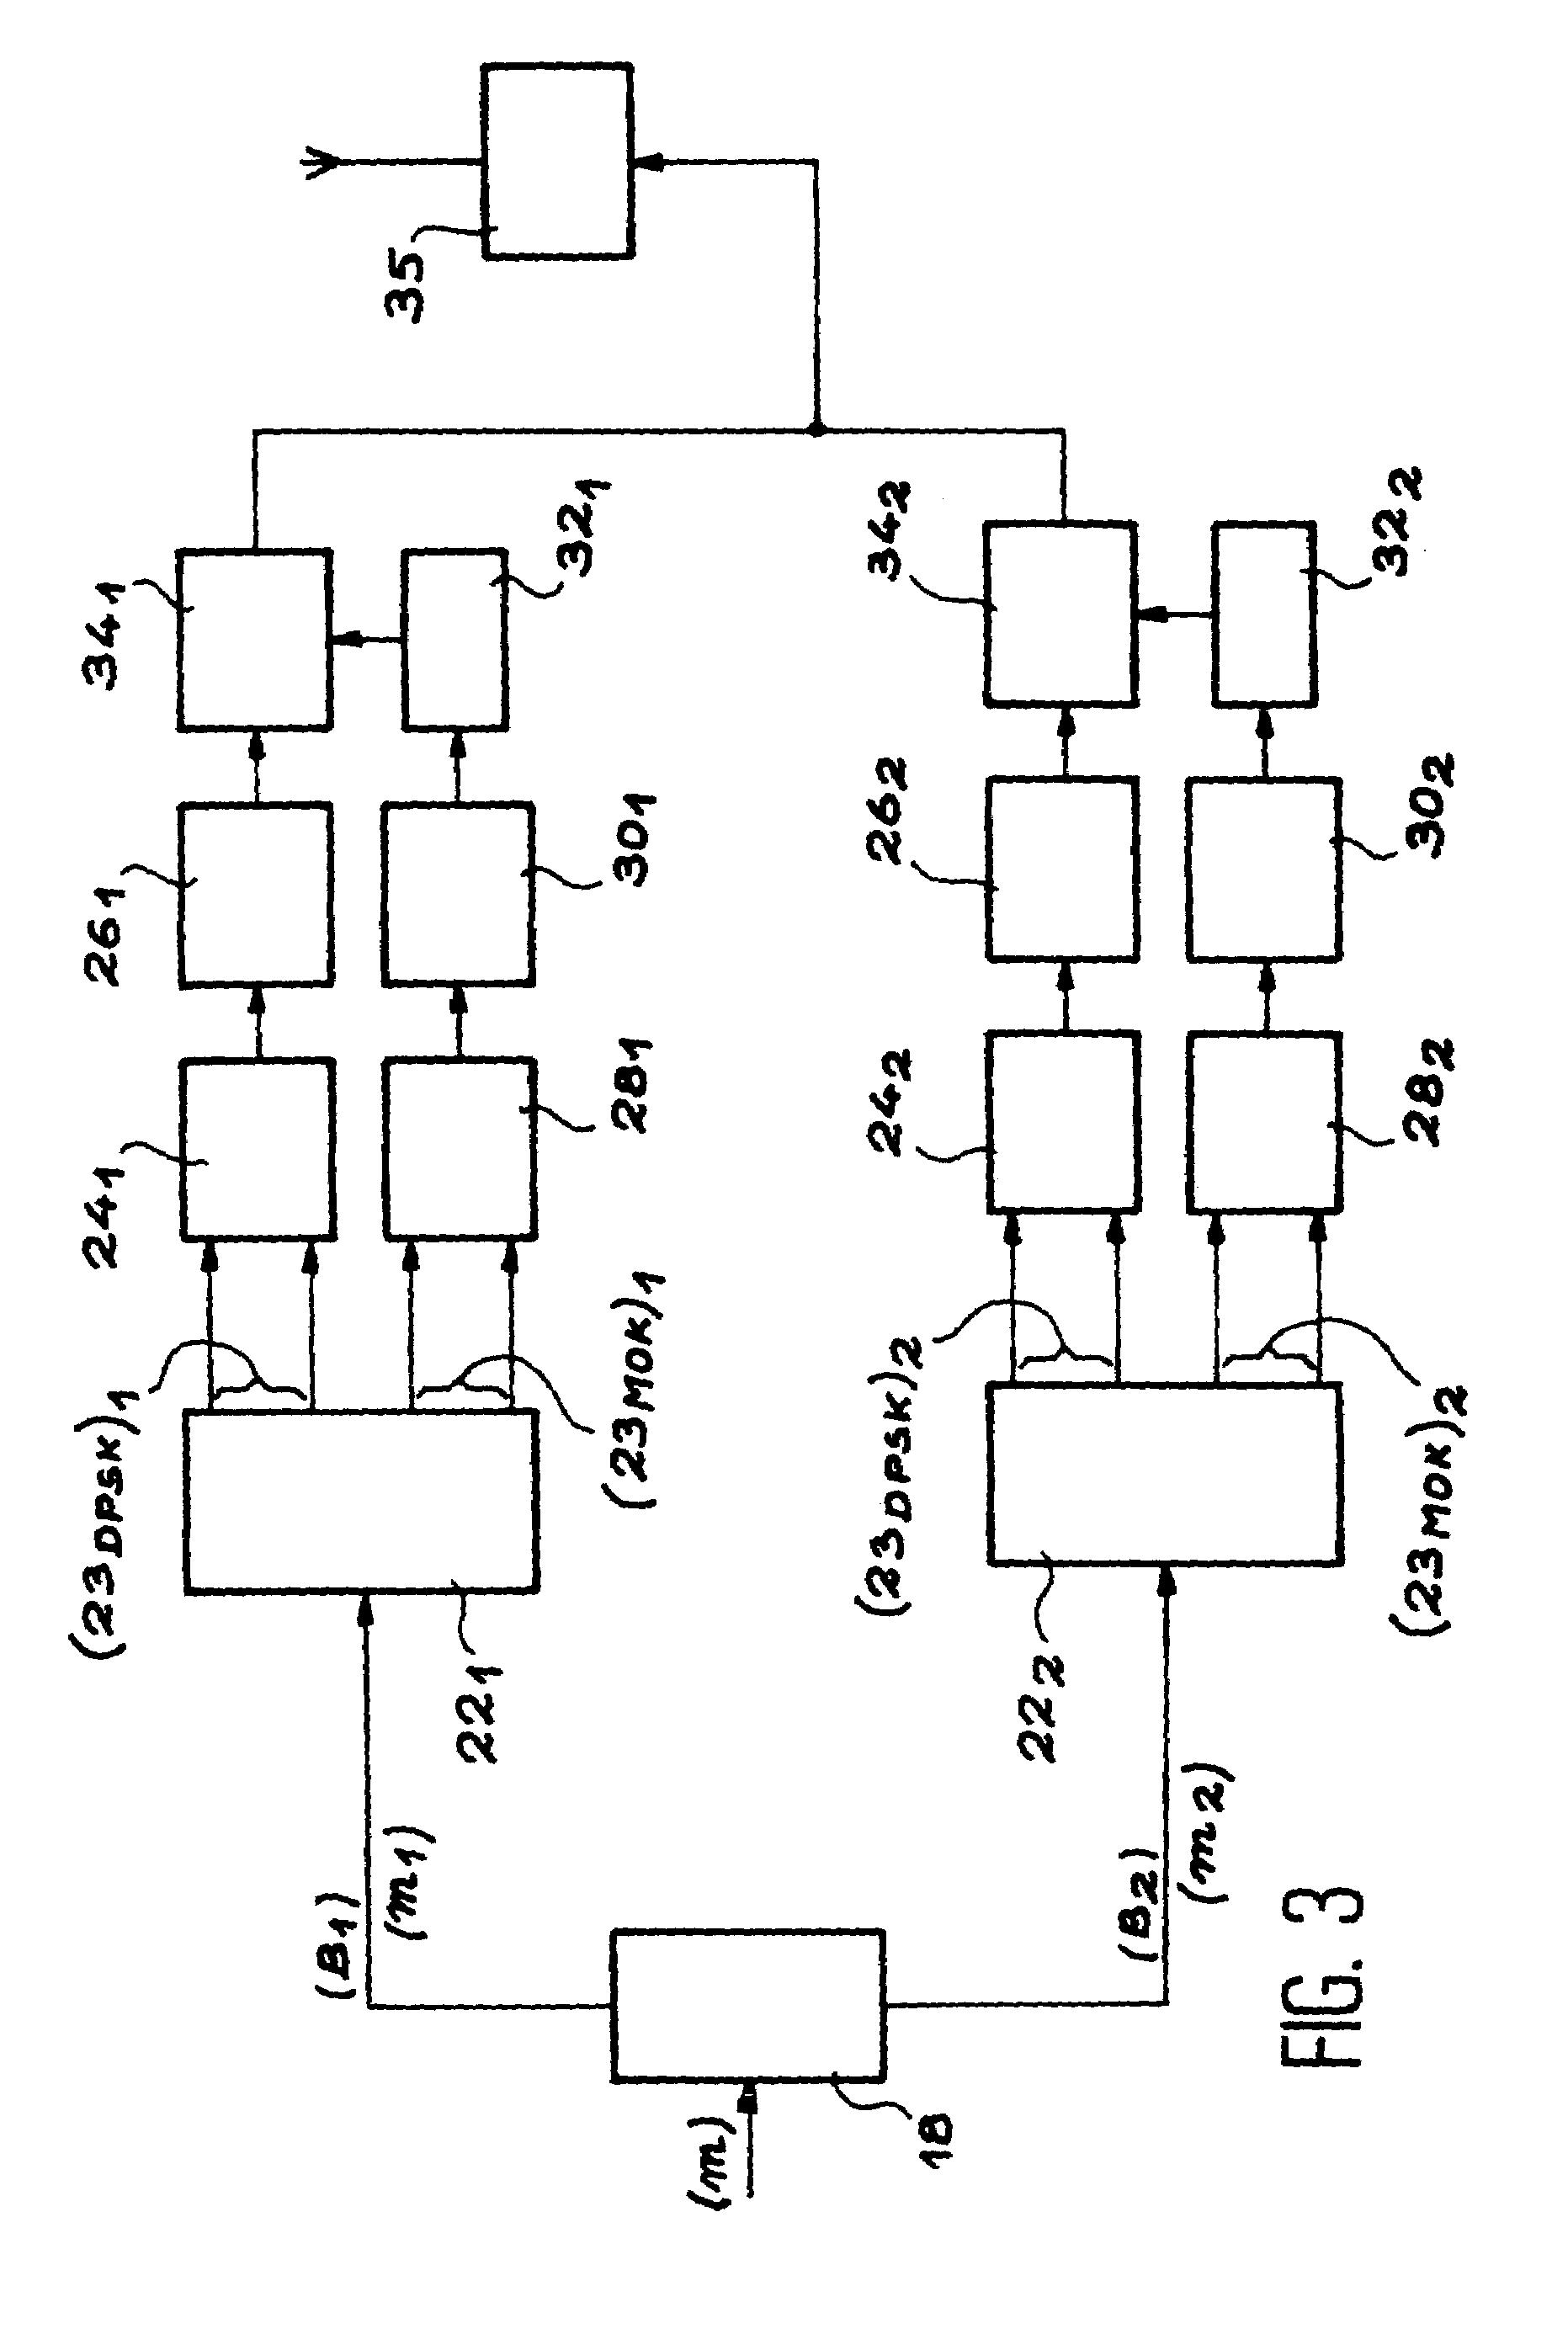 Patent Us7327778 Multi Mok Modulation Demodulation Transmission M Ary Psk Transmitter Block Diagram Drawing